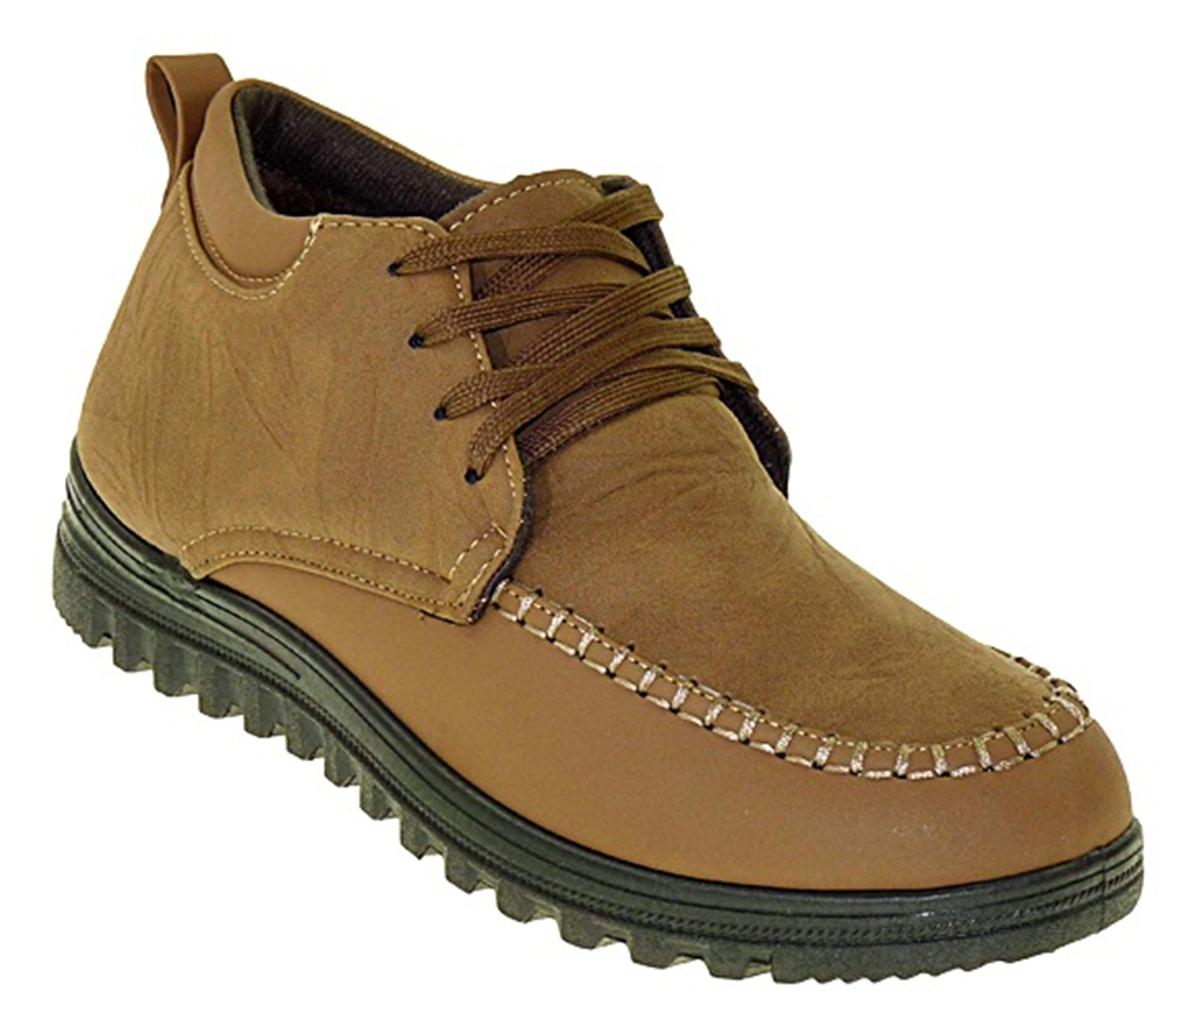 separation shoes c407e 3a20d Art 248 Winterschuhe Outdoor Stiefel Winterstiefel Herrenstiefel Schuhe  Herren